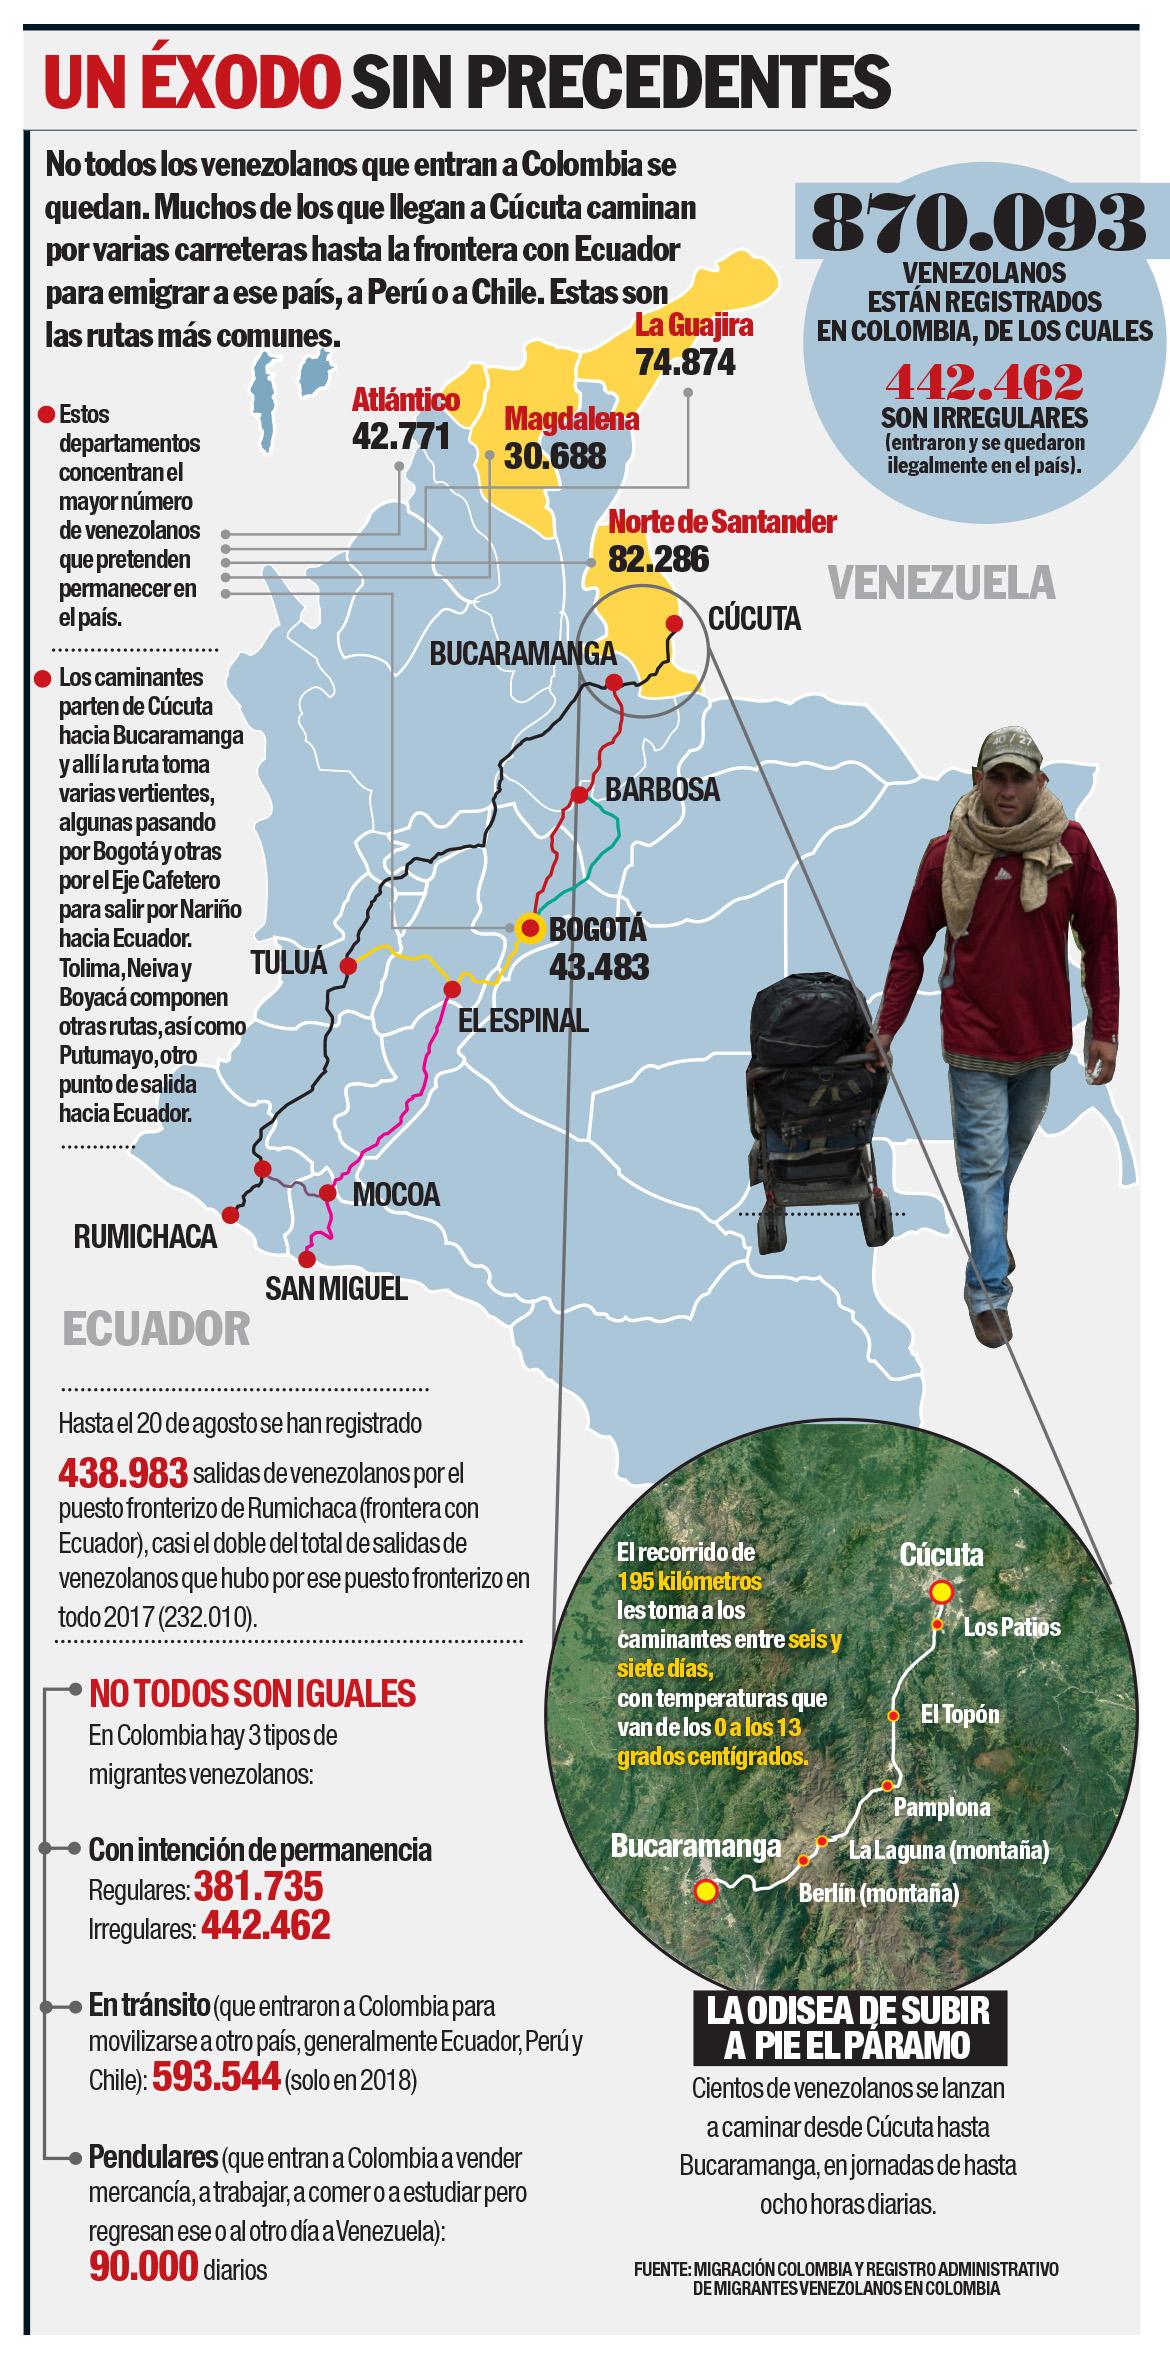 Tag perú en El Foro Militar de Venezuela  Info-caminantes